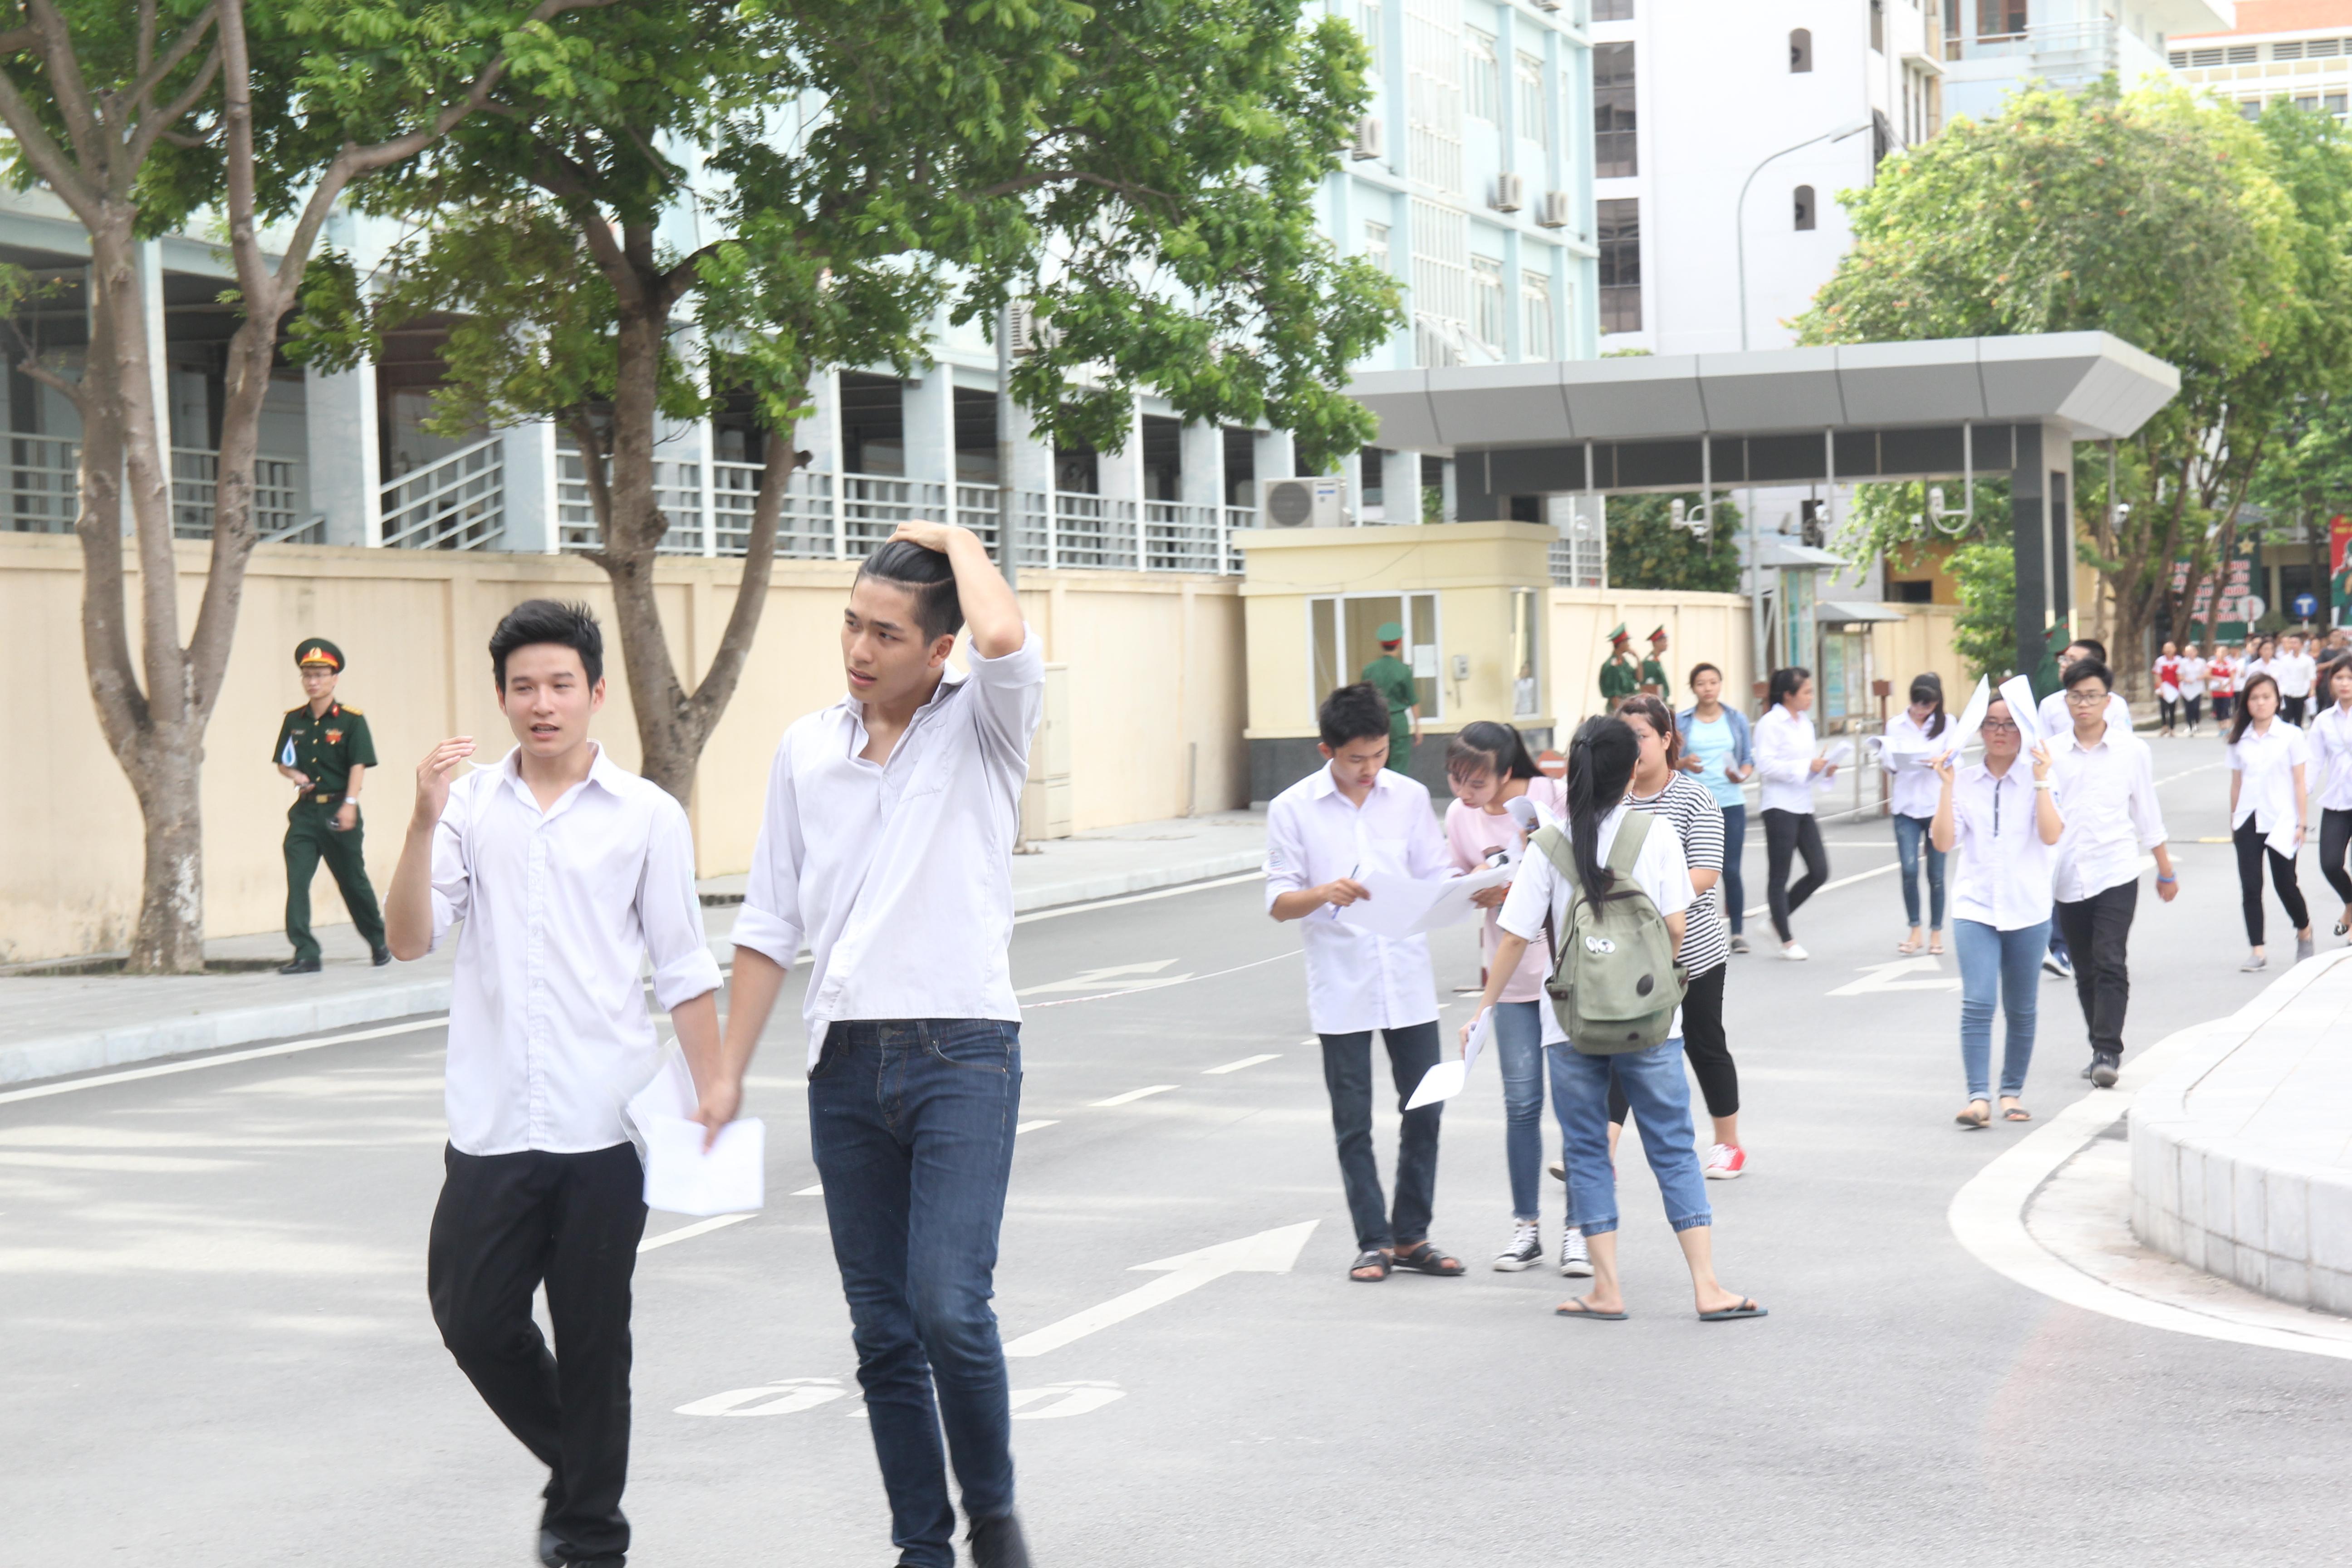 Các thí sinh đã hoàn thành xong môn thi thứ 3 - Ngữ văn trong kỳ thi THPT Quốc gia 2016